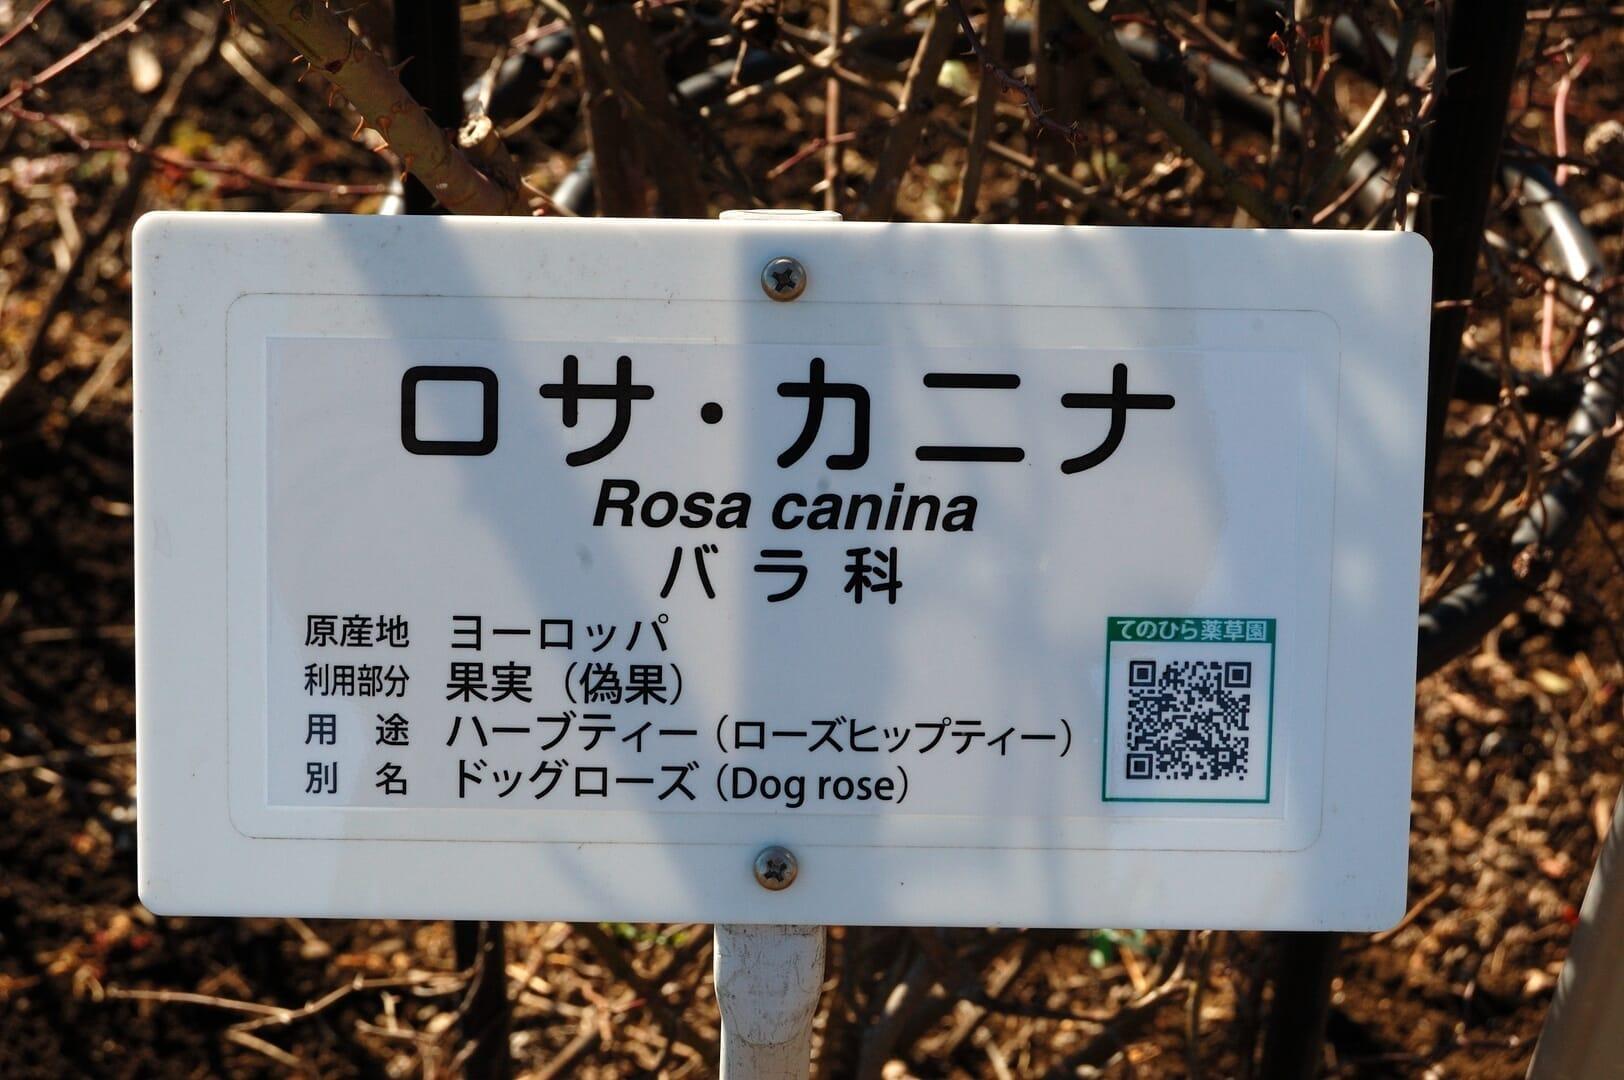 ワイルドローズ2015/2/1 @東京都薬用植物園